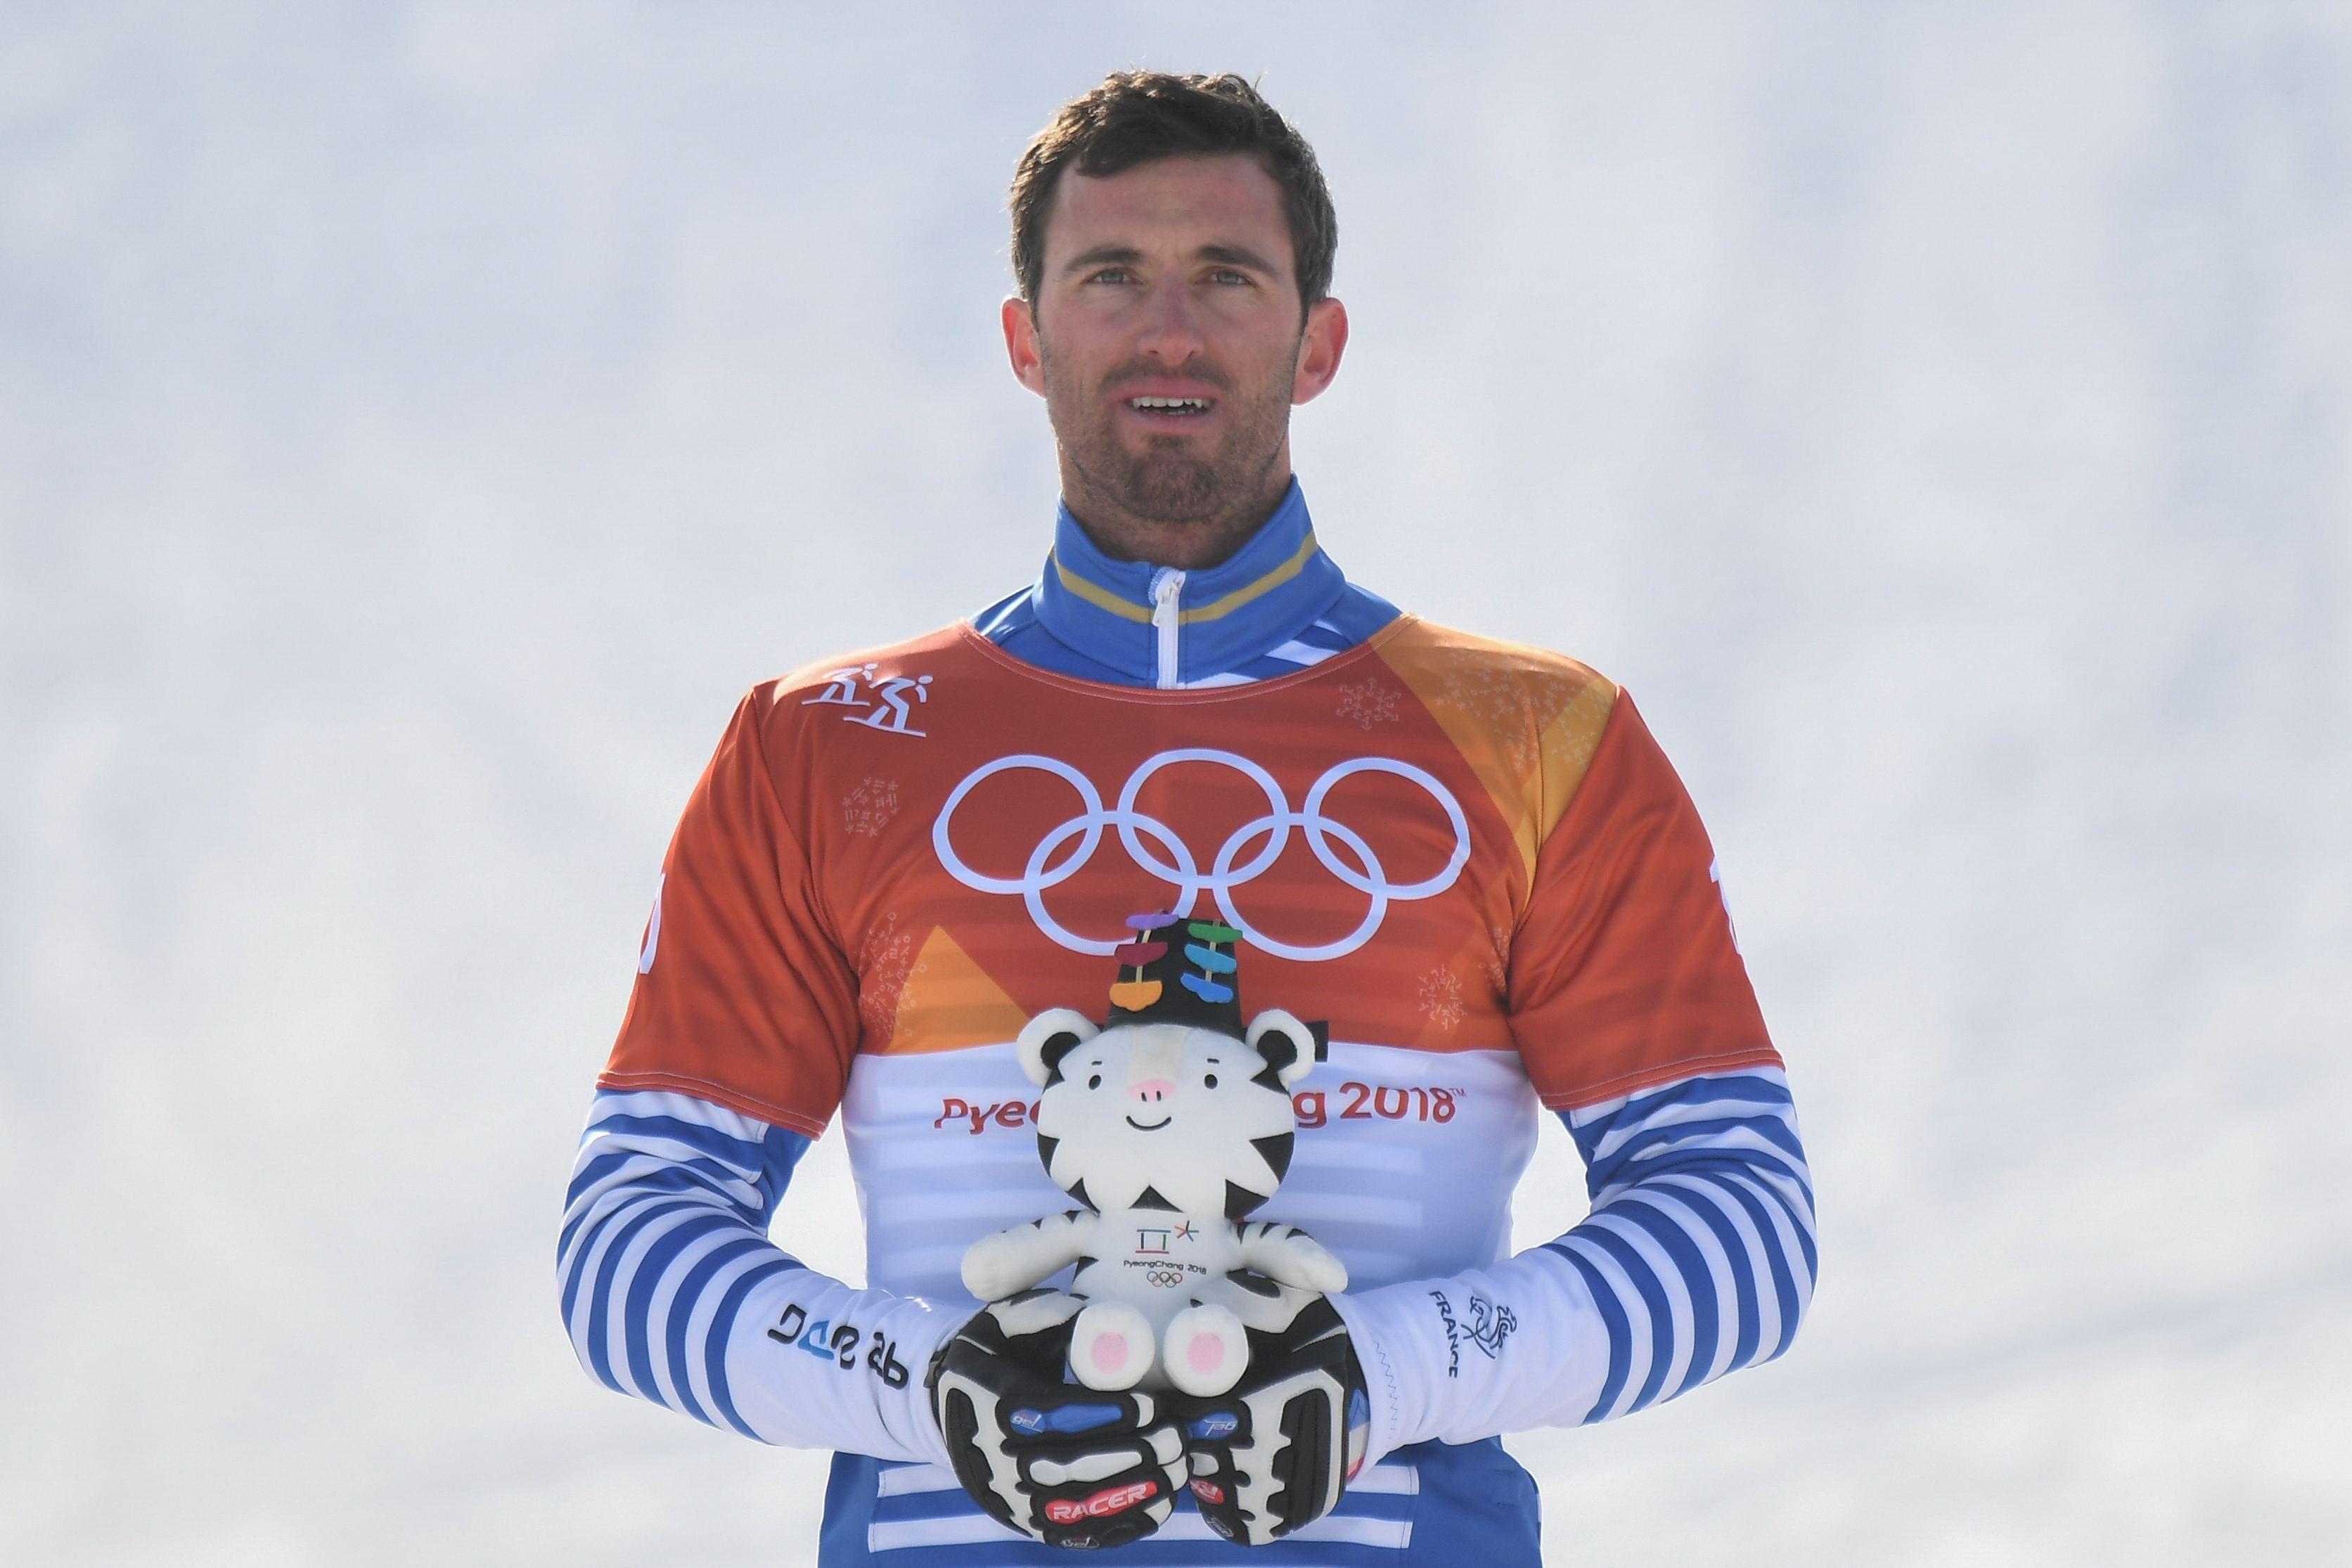 Pierre Vaultier lors des JO de Pyeongchang